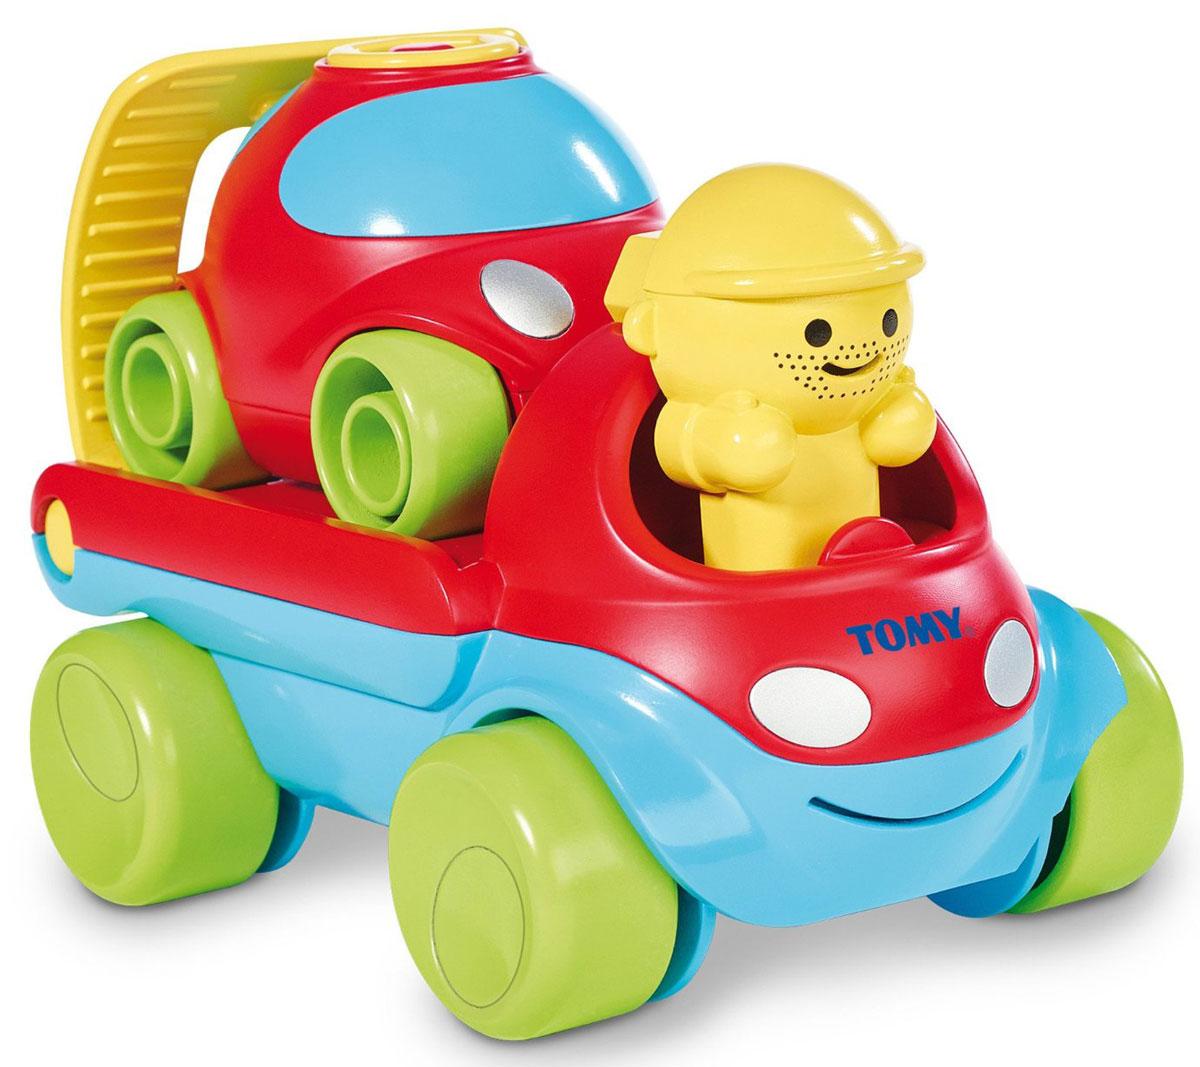 Tomy Развивающая игрушка Заводи и гоняй 3 в 1 tomy farm приключения трактора джонни и поросенка на ферме